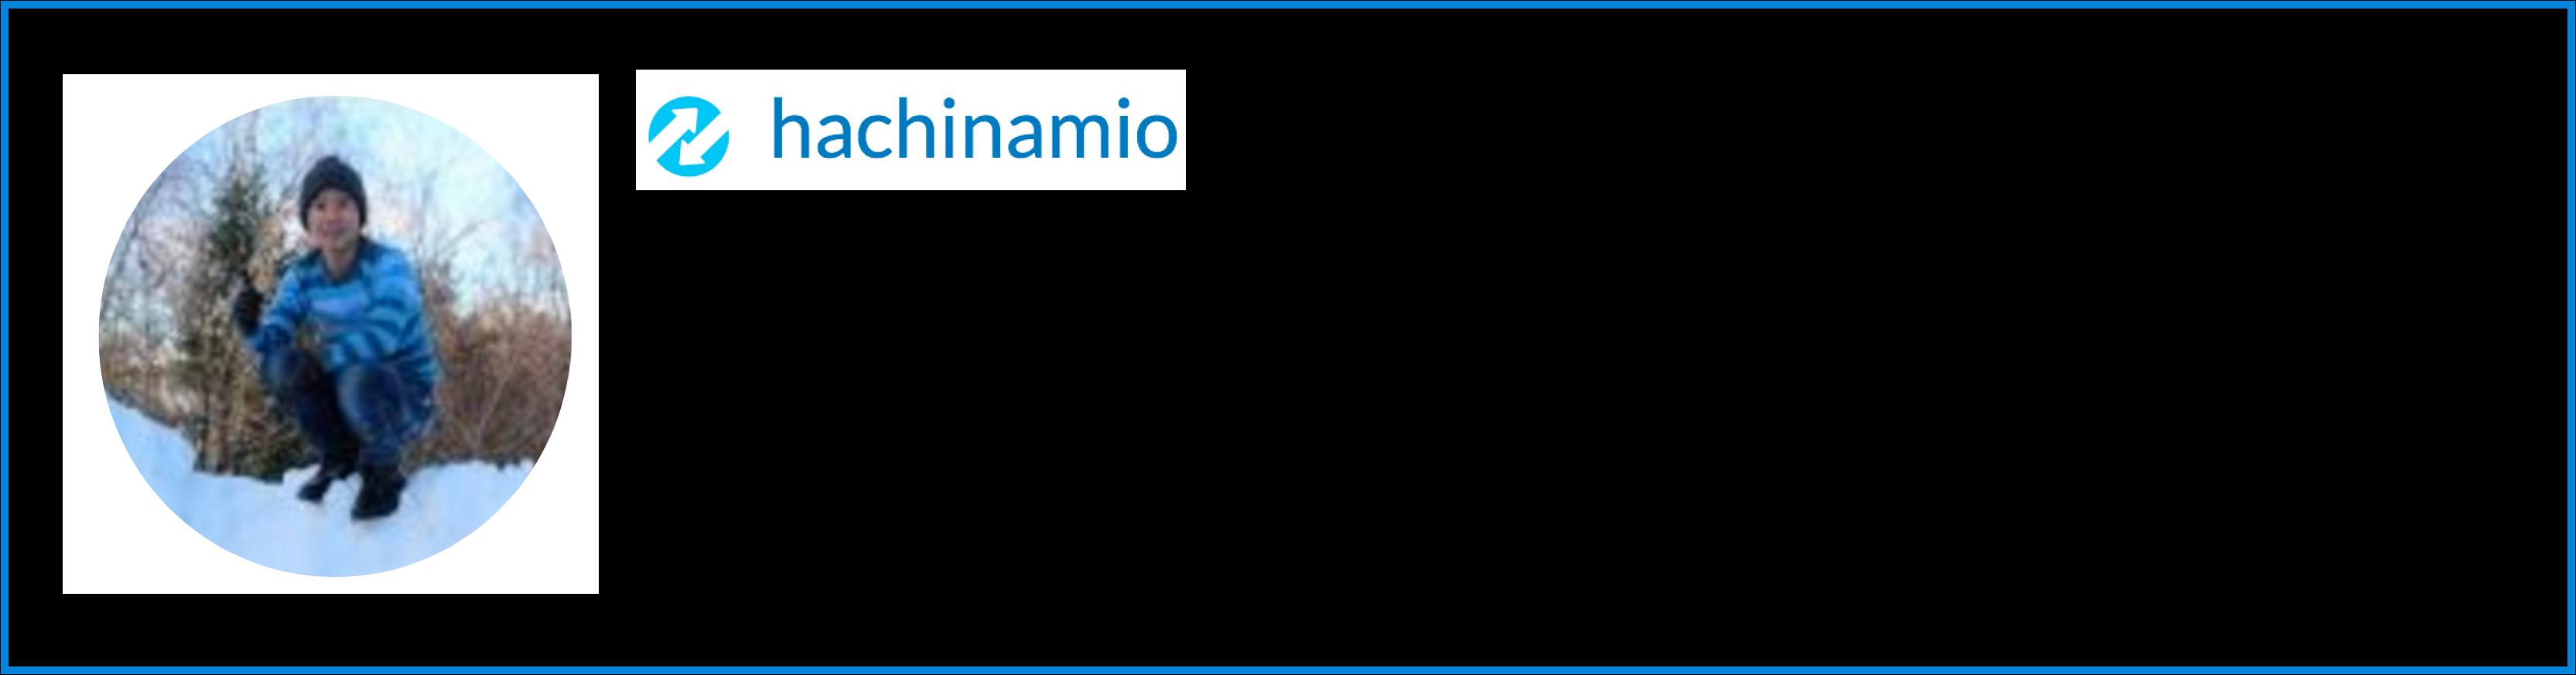 みなさん、こんにちは。ベトナムに住んでいるhachinamioです。英語、ベトナム語、中国語、日本語の翻訳ができ、英語ではジャーナルや科学論文なども書くことが出来ます。ITの分野ではVBA/Macro, Delphi, VB6, C#,PHPなどのソフトウェア開発ができます。また、ロゴデザインやウェブデザイン、名刺・チラシのデザインもできます。